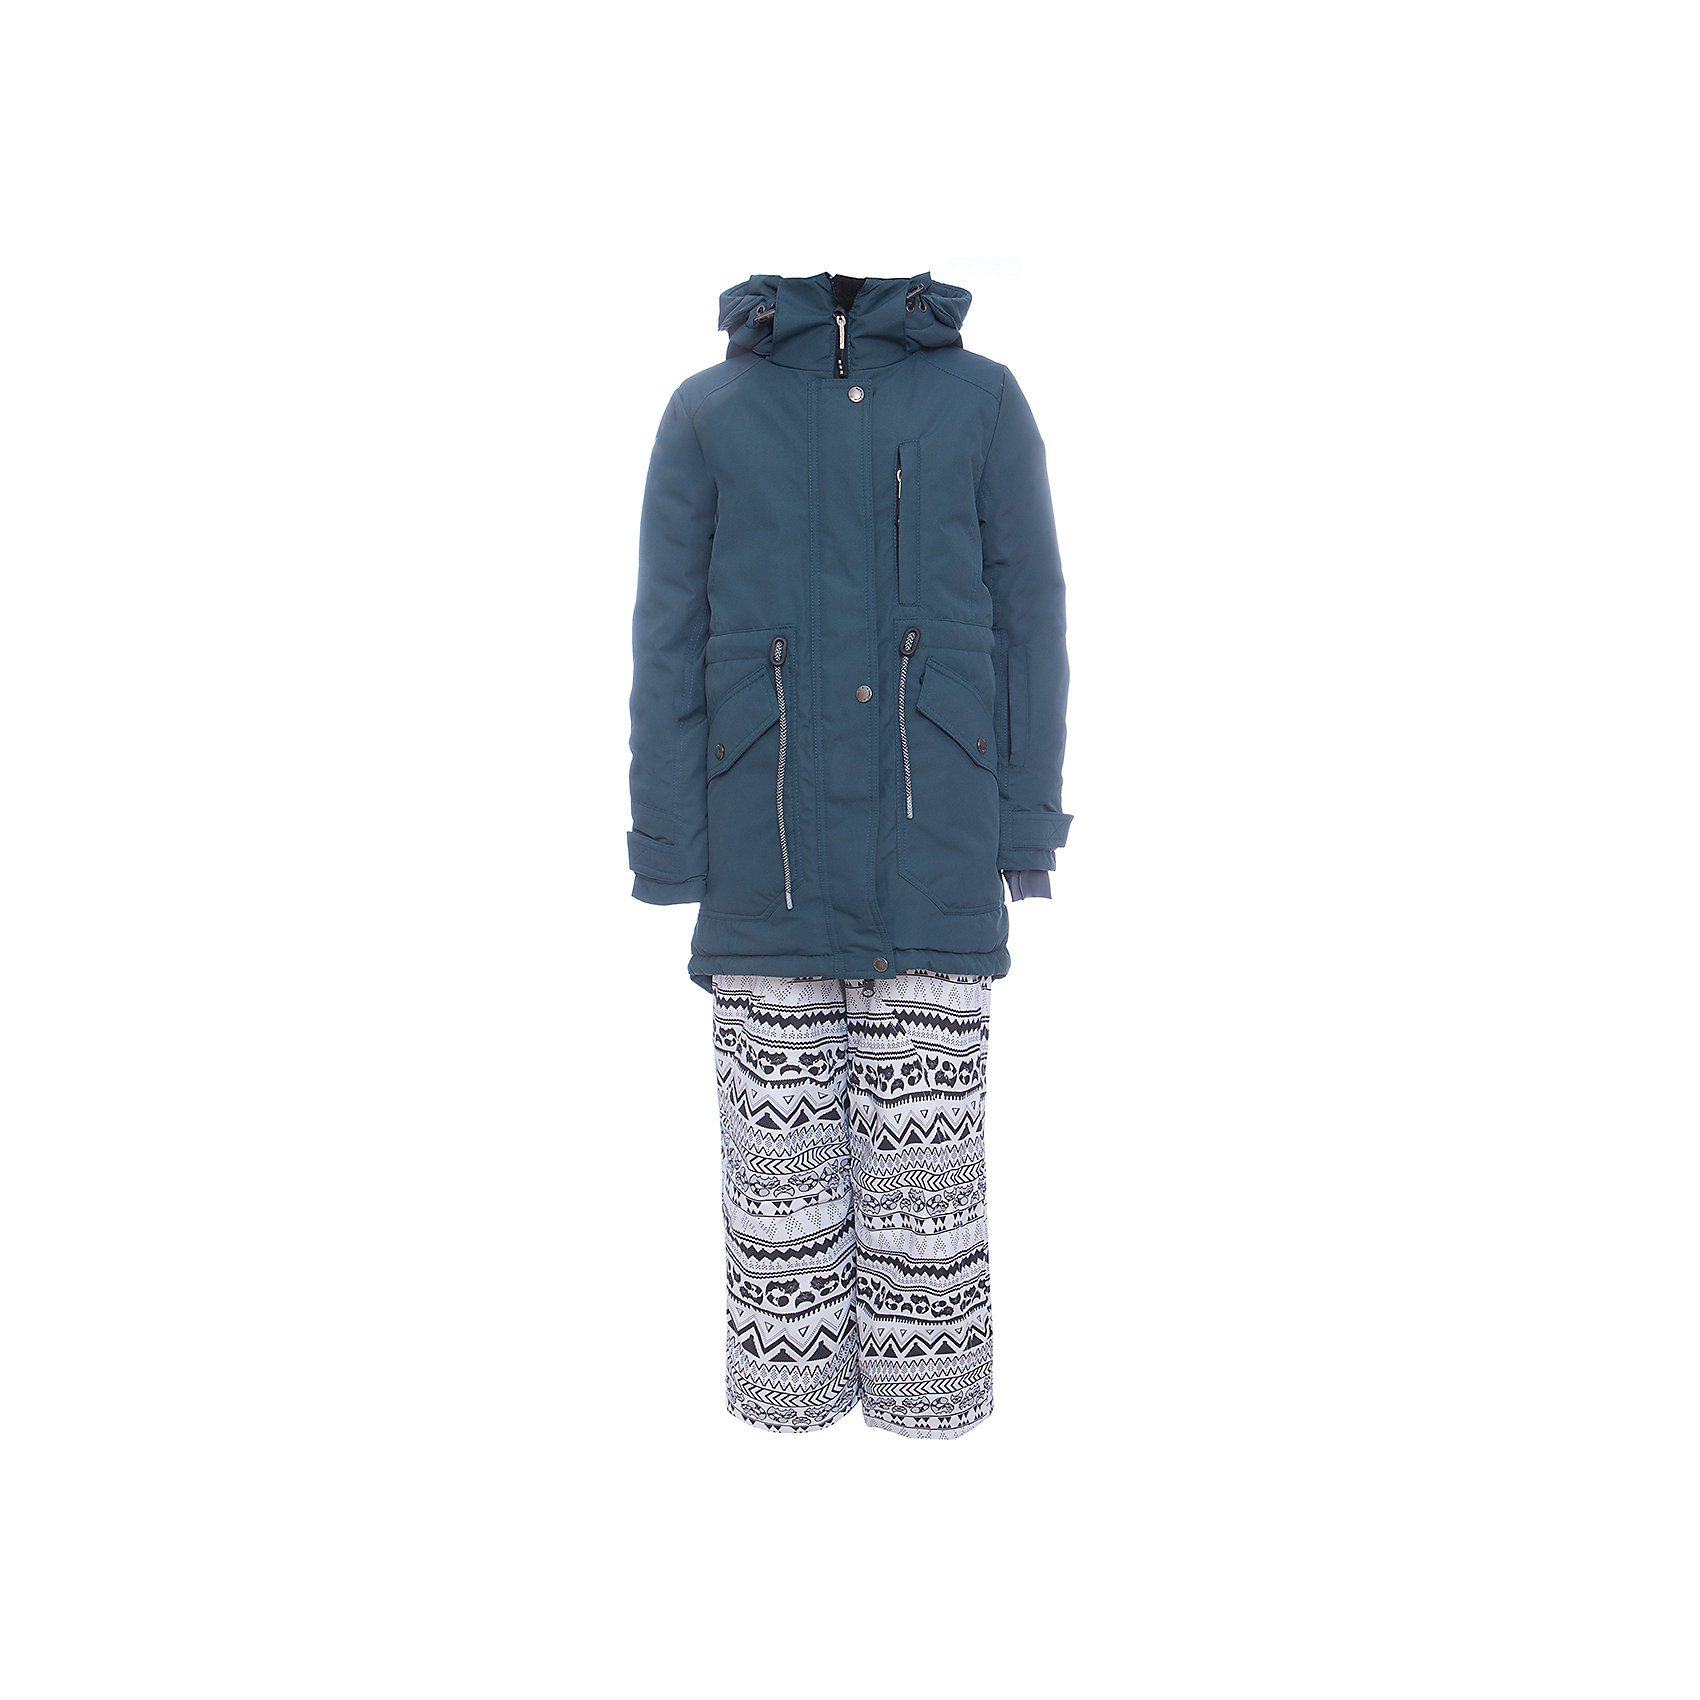 Комплект: куртка и полукомбенизон наушниками Batik для девочкиВерхняя одежда<br>Комплект: куртка и полукомбенизон наушниками Batik для девочки <br>Верхняя ткань обладает водоотталкивающими и ветрозащитными свойствами мембраны. Куртка на молнии с ветрозащитной планкой и юбкой внутри, кулиской на талии и капюшоном на молнии. Полукомбинезон с отстегивающимися лямками.<br>Состав:<br>Ткань верха - POLY 051 LAMINATION;  Утеплитель - Слайтекс 250;  Подкладка - Полар флис;<br><br>Ширина мм: 356<br>Глубина мм: 10<br>Высота мм: 245<br>Вес г: 519<br>Цвет: голубой<br>Возраст от месяцев: 108<br>Возраст до месяцев: 120<br>Пол: Женский<br>Возраст: Детский<br>Размер: 140,164,158,152,146<br>SKU: 7028038